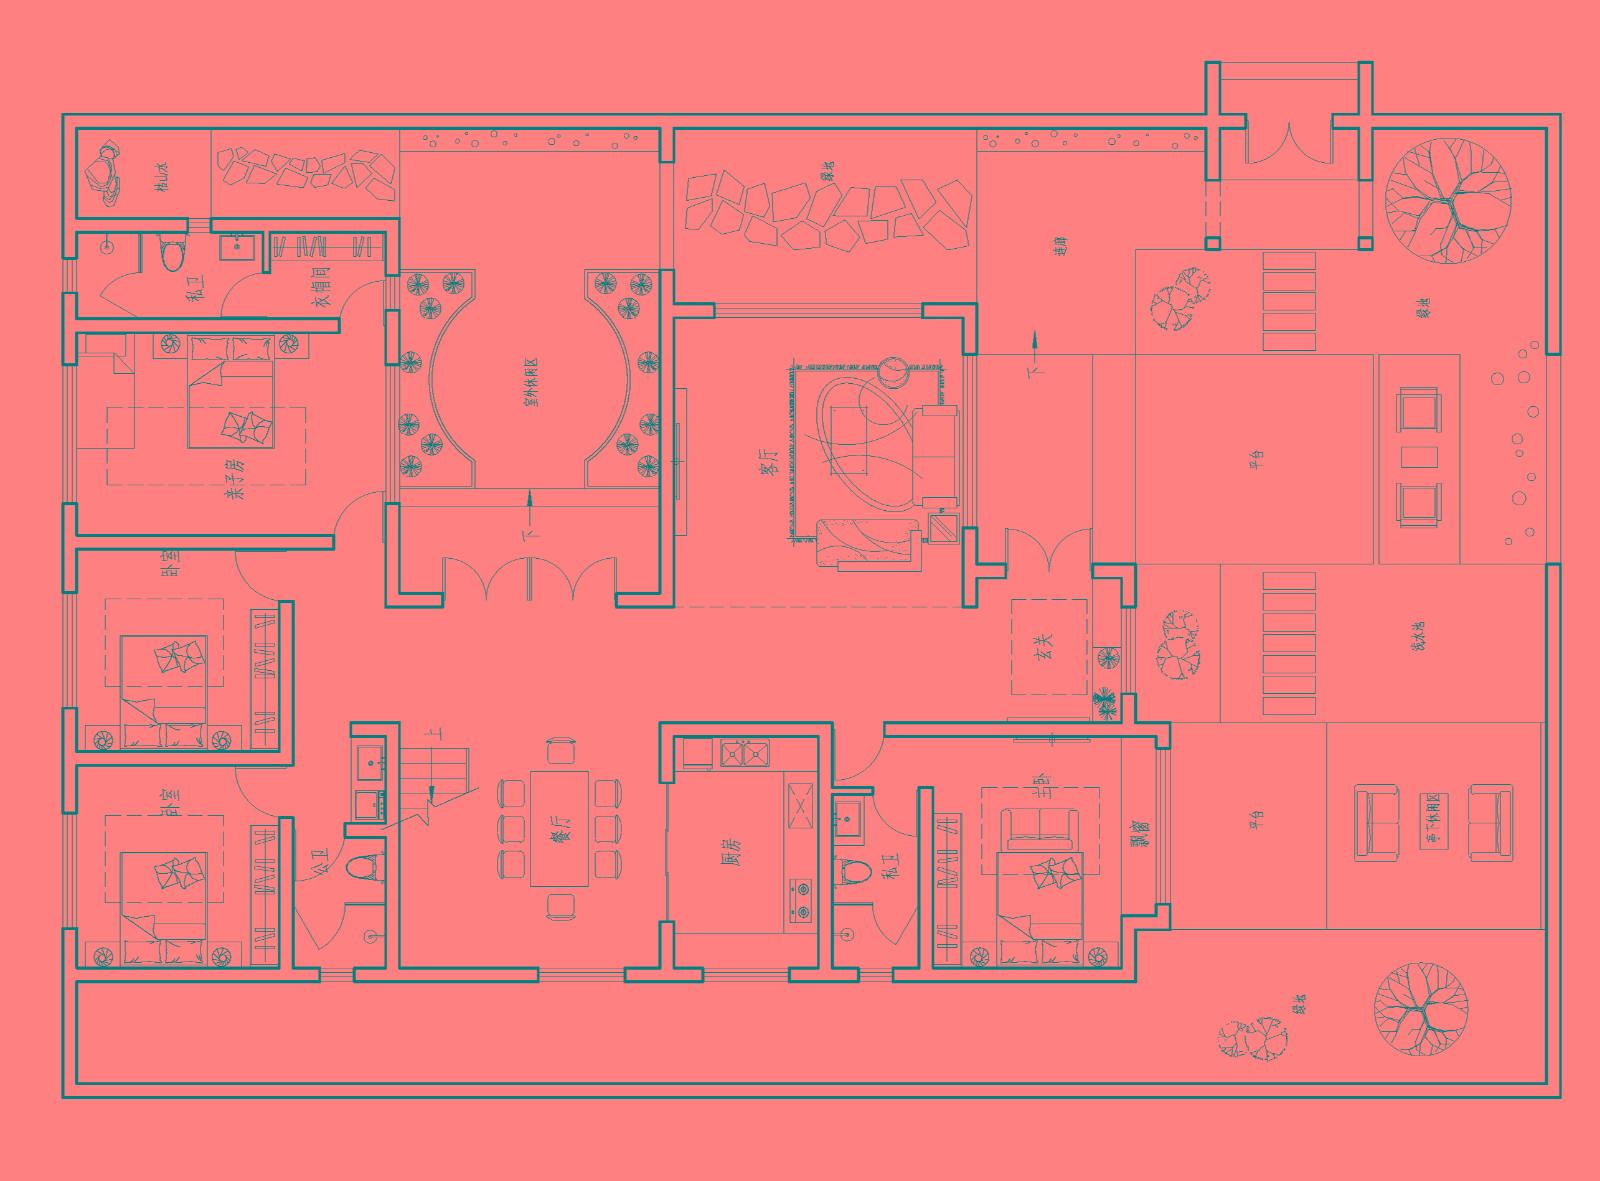 8室3厅新中式徽派庭院